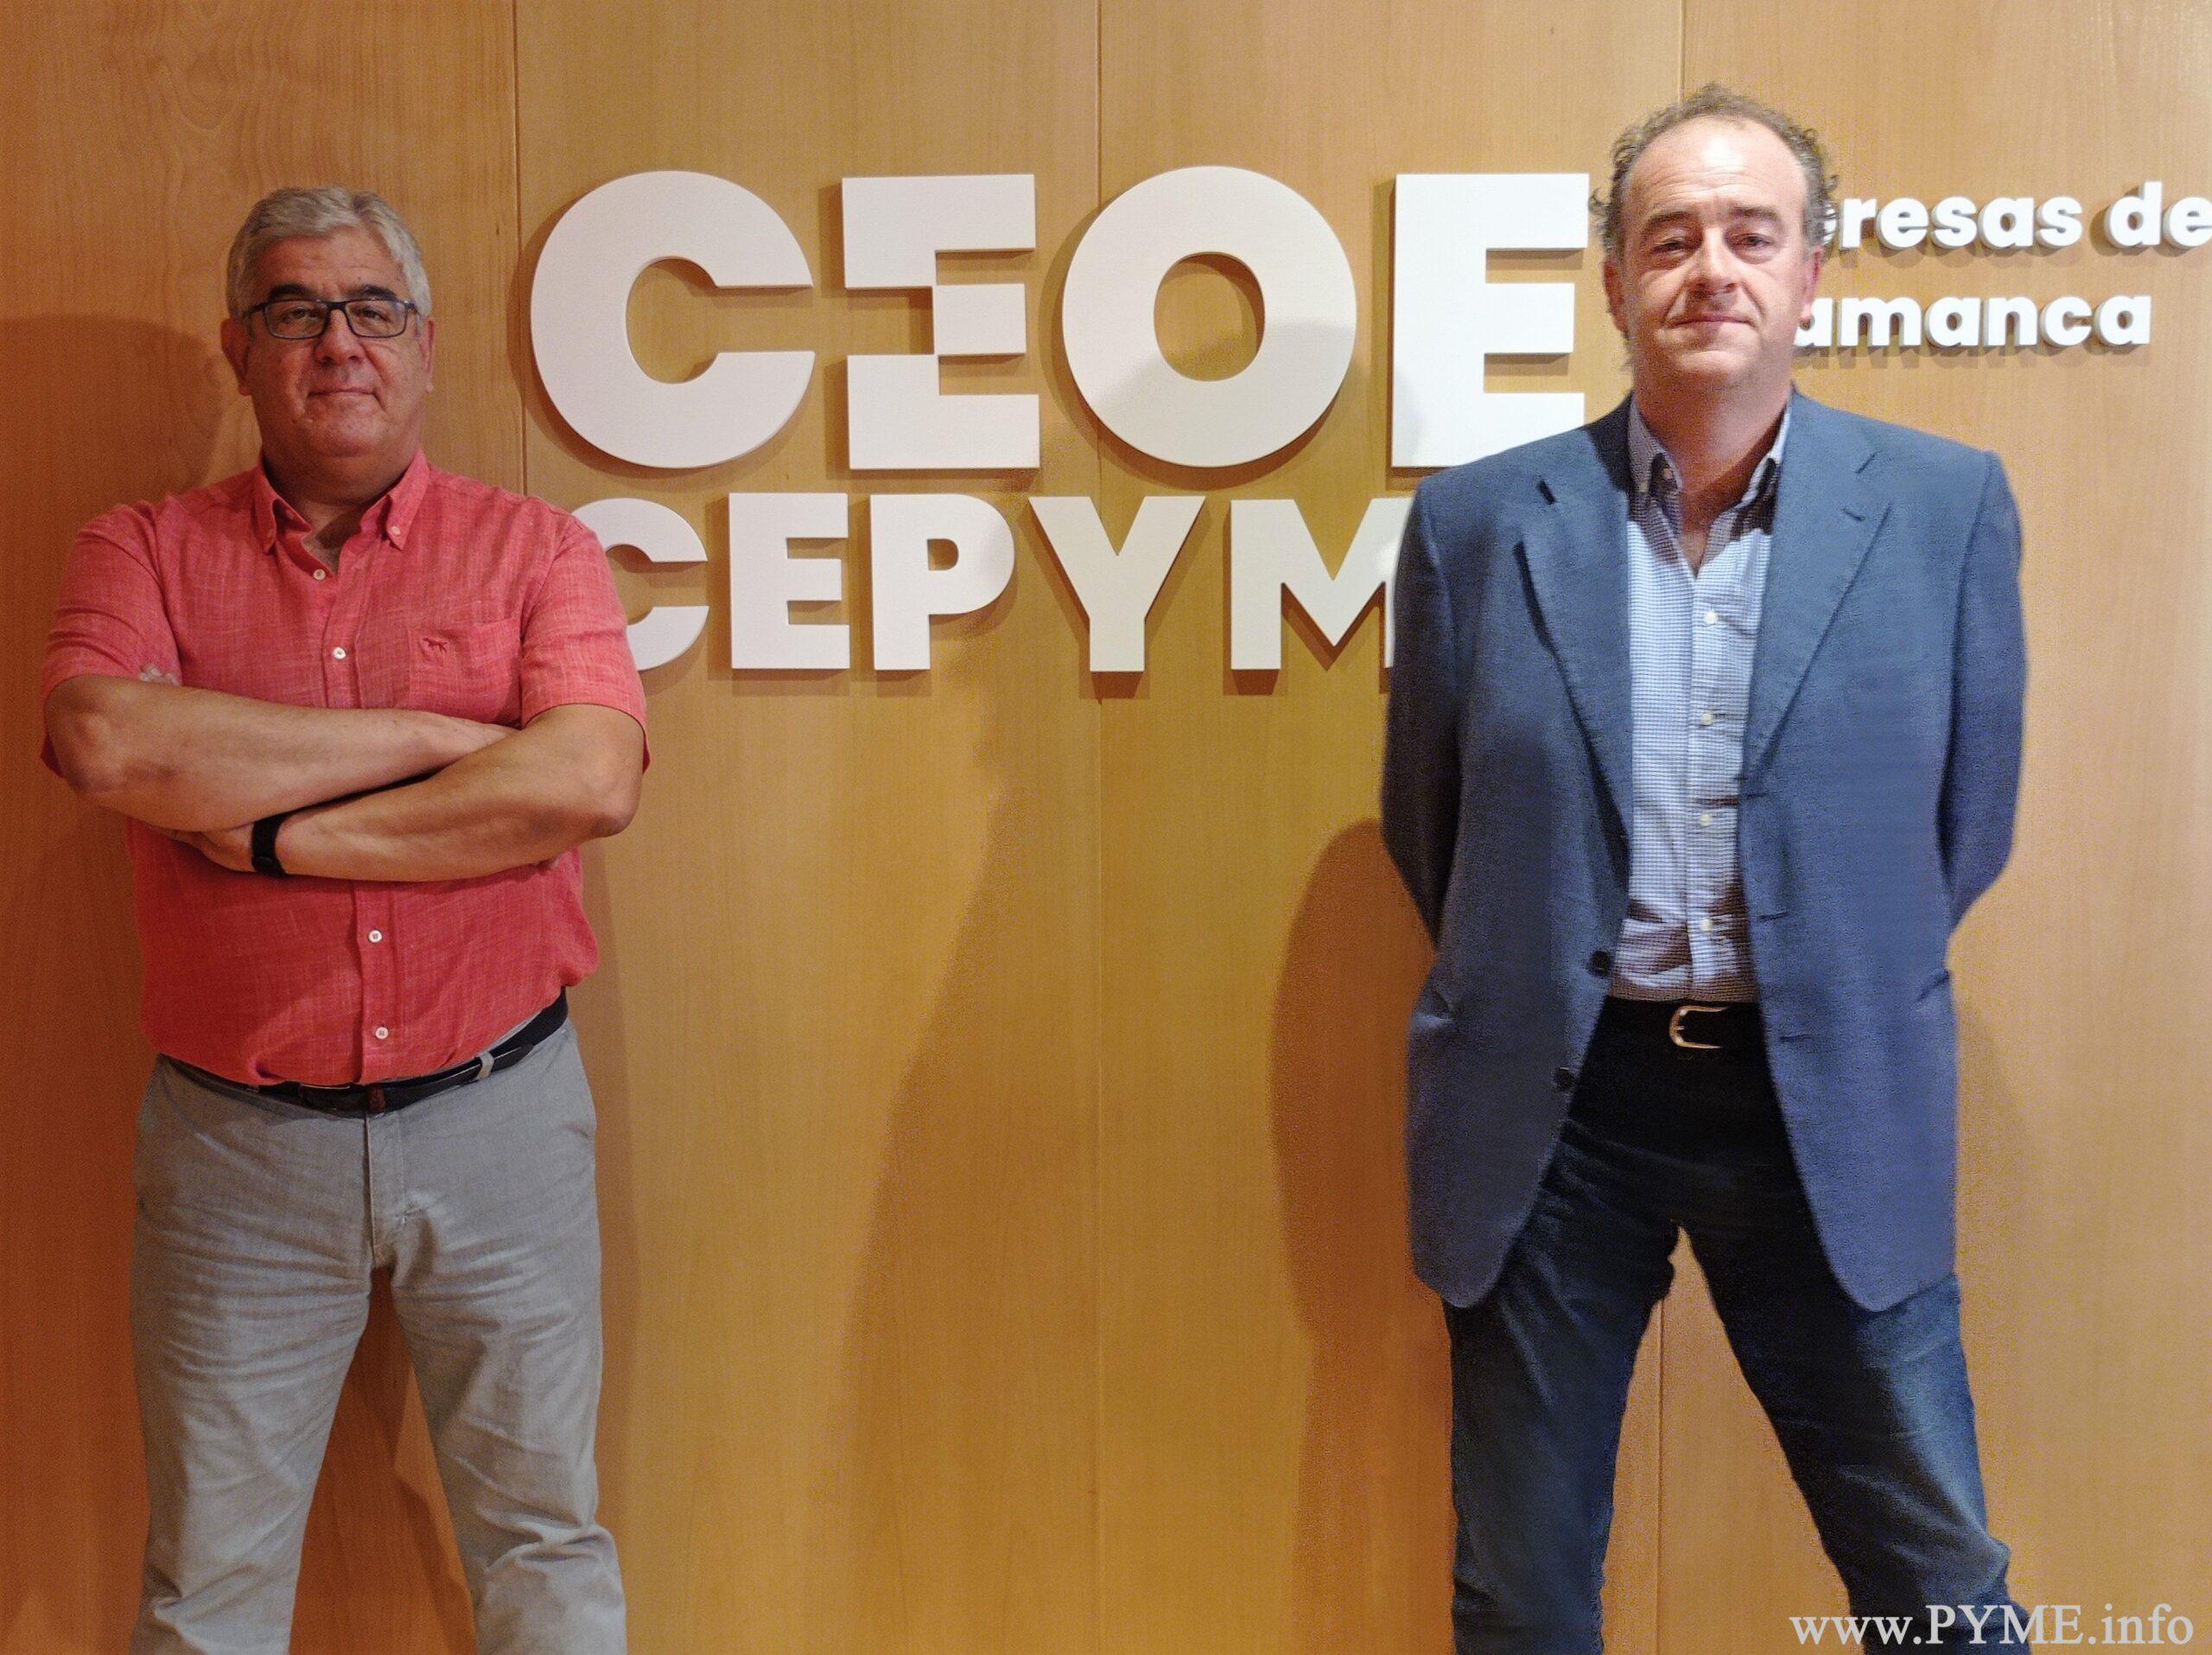 AESLUX traslada a CEOE CEPYME Salamanca la labor de la asociación en el impulso de la transformación digital